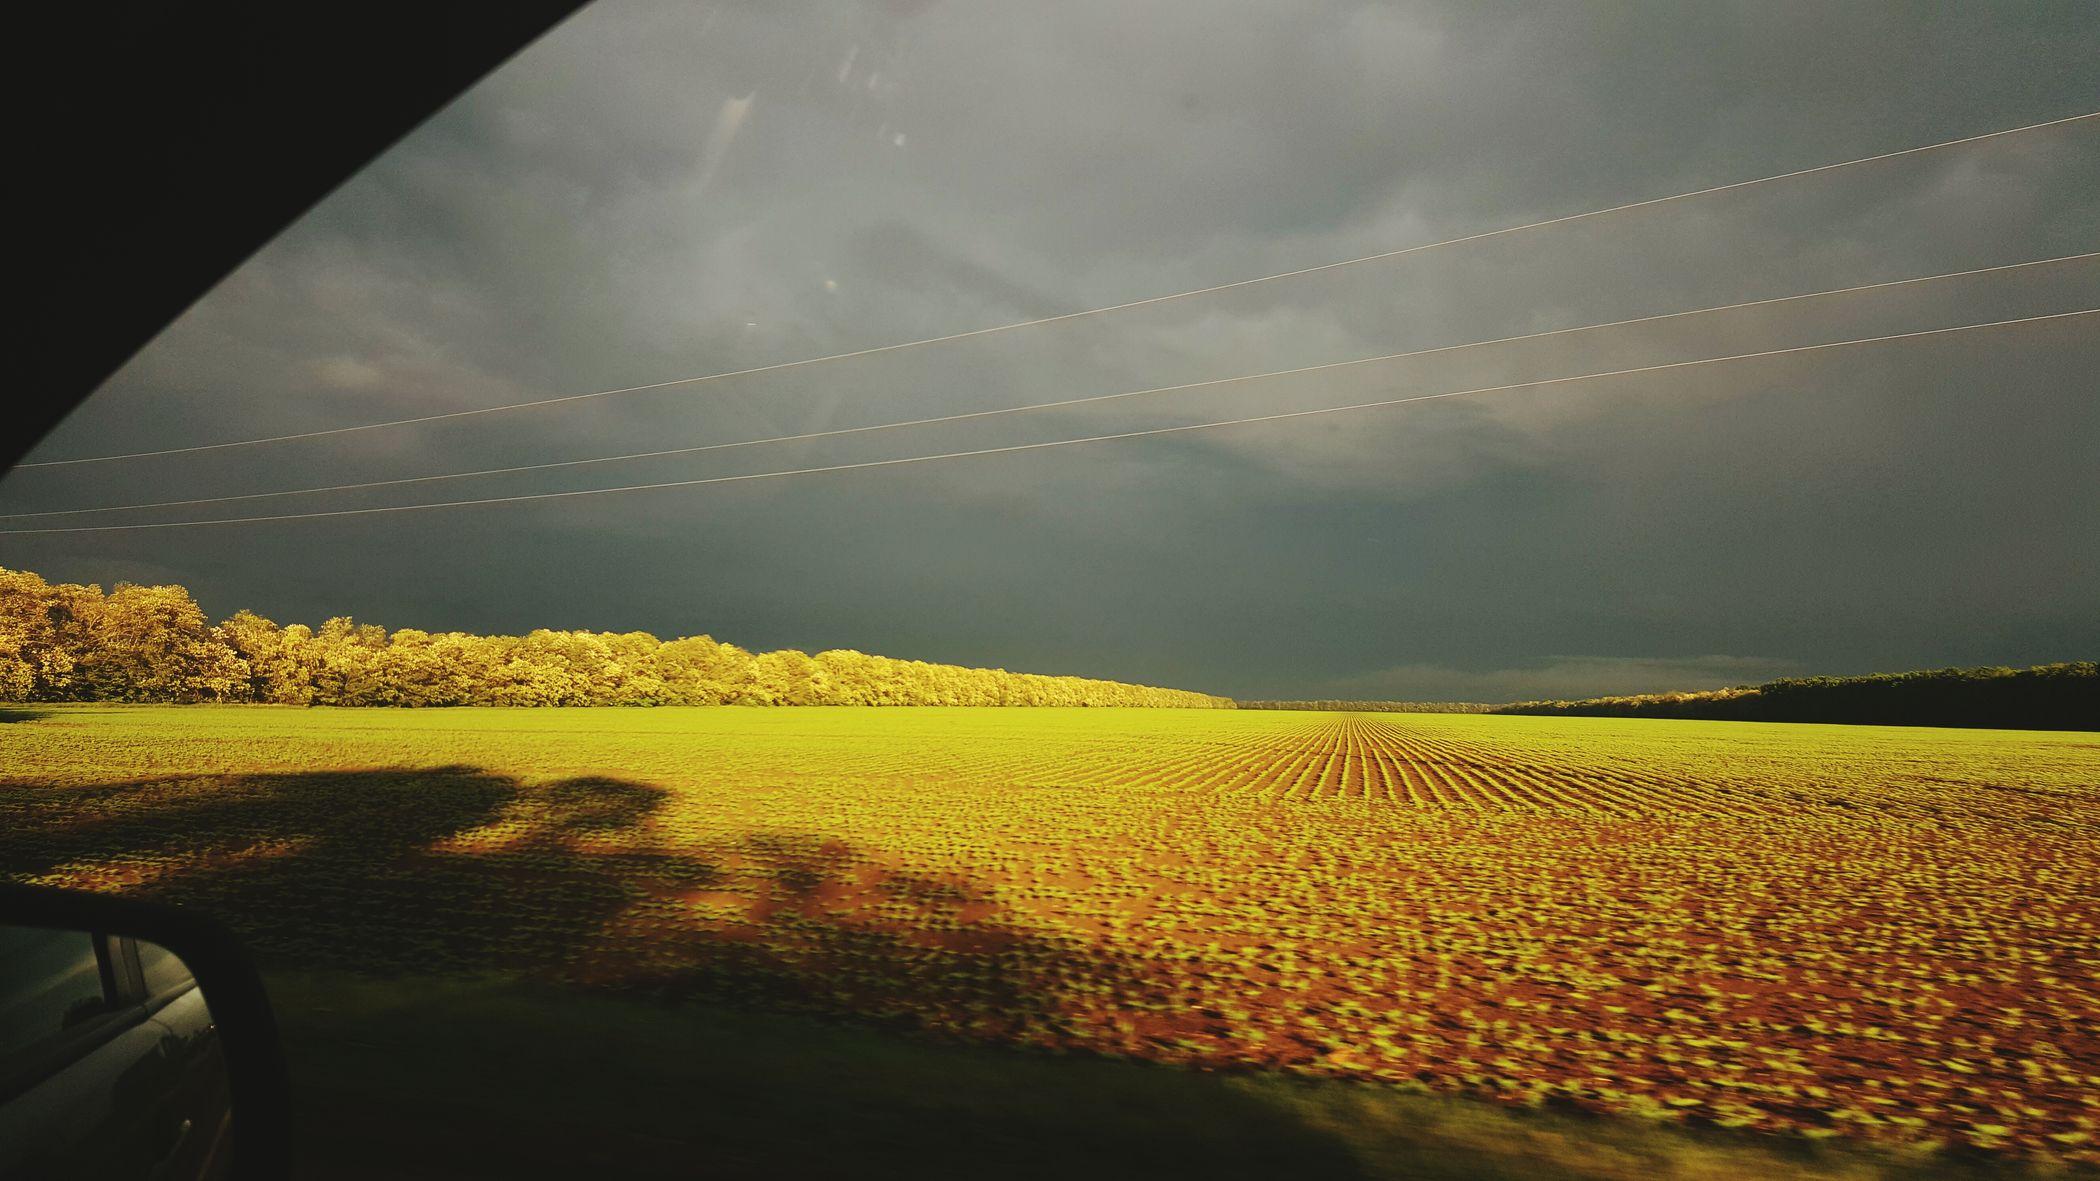 дорогадомой Весна💐🌷🌿 Дорога переддождем передгрозойнебо